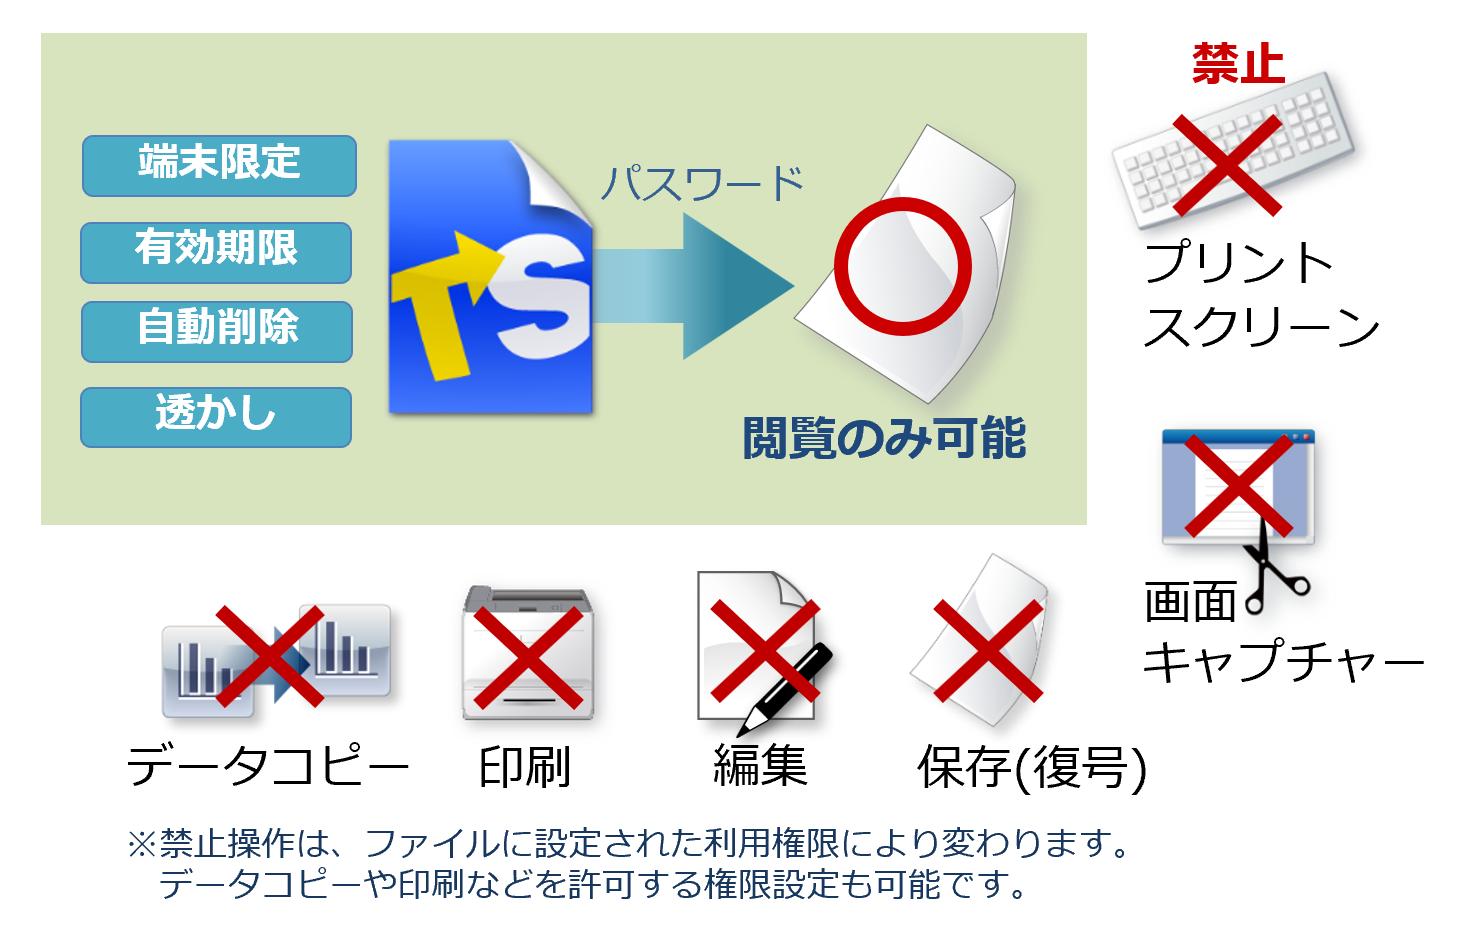 コピー/印刷禁止で二次利用を防止